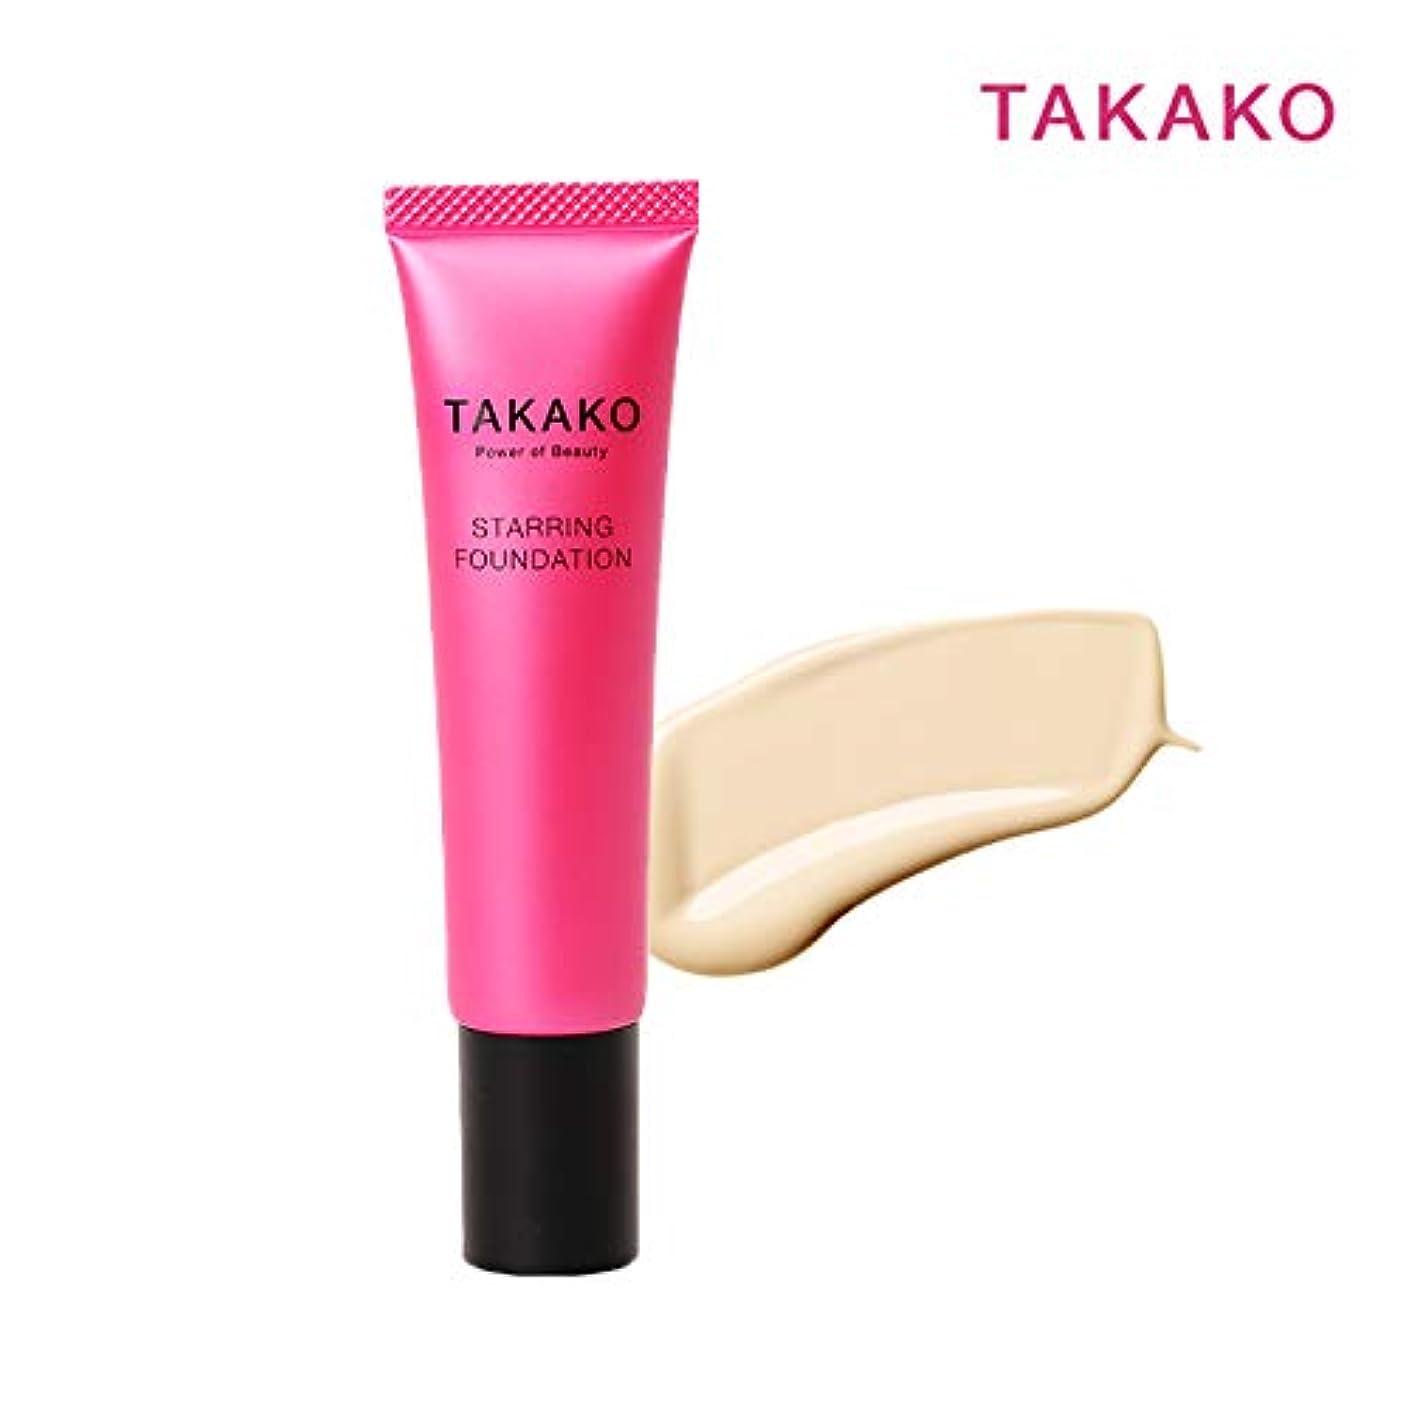 コスト音楽を聴くかろうじてTAKAKO スターリングファンデーション リキッドファンデーション SPF20 PA++ 30g【タカコ コスメ】TAKAKO Power of Beauty STARRING FOUNDATION